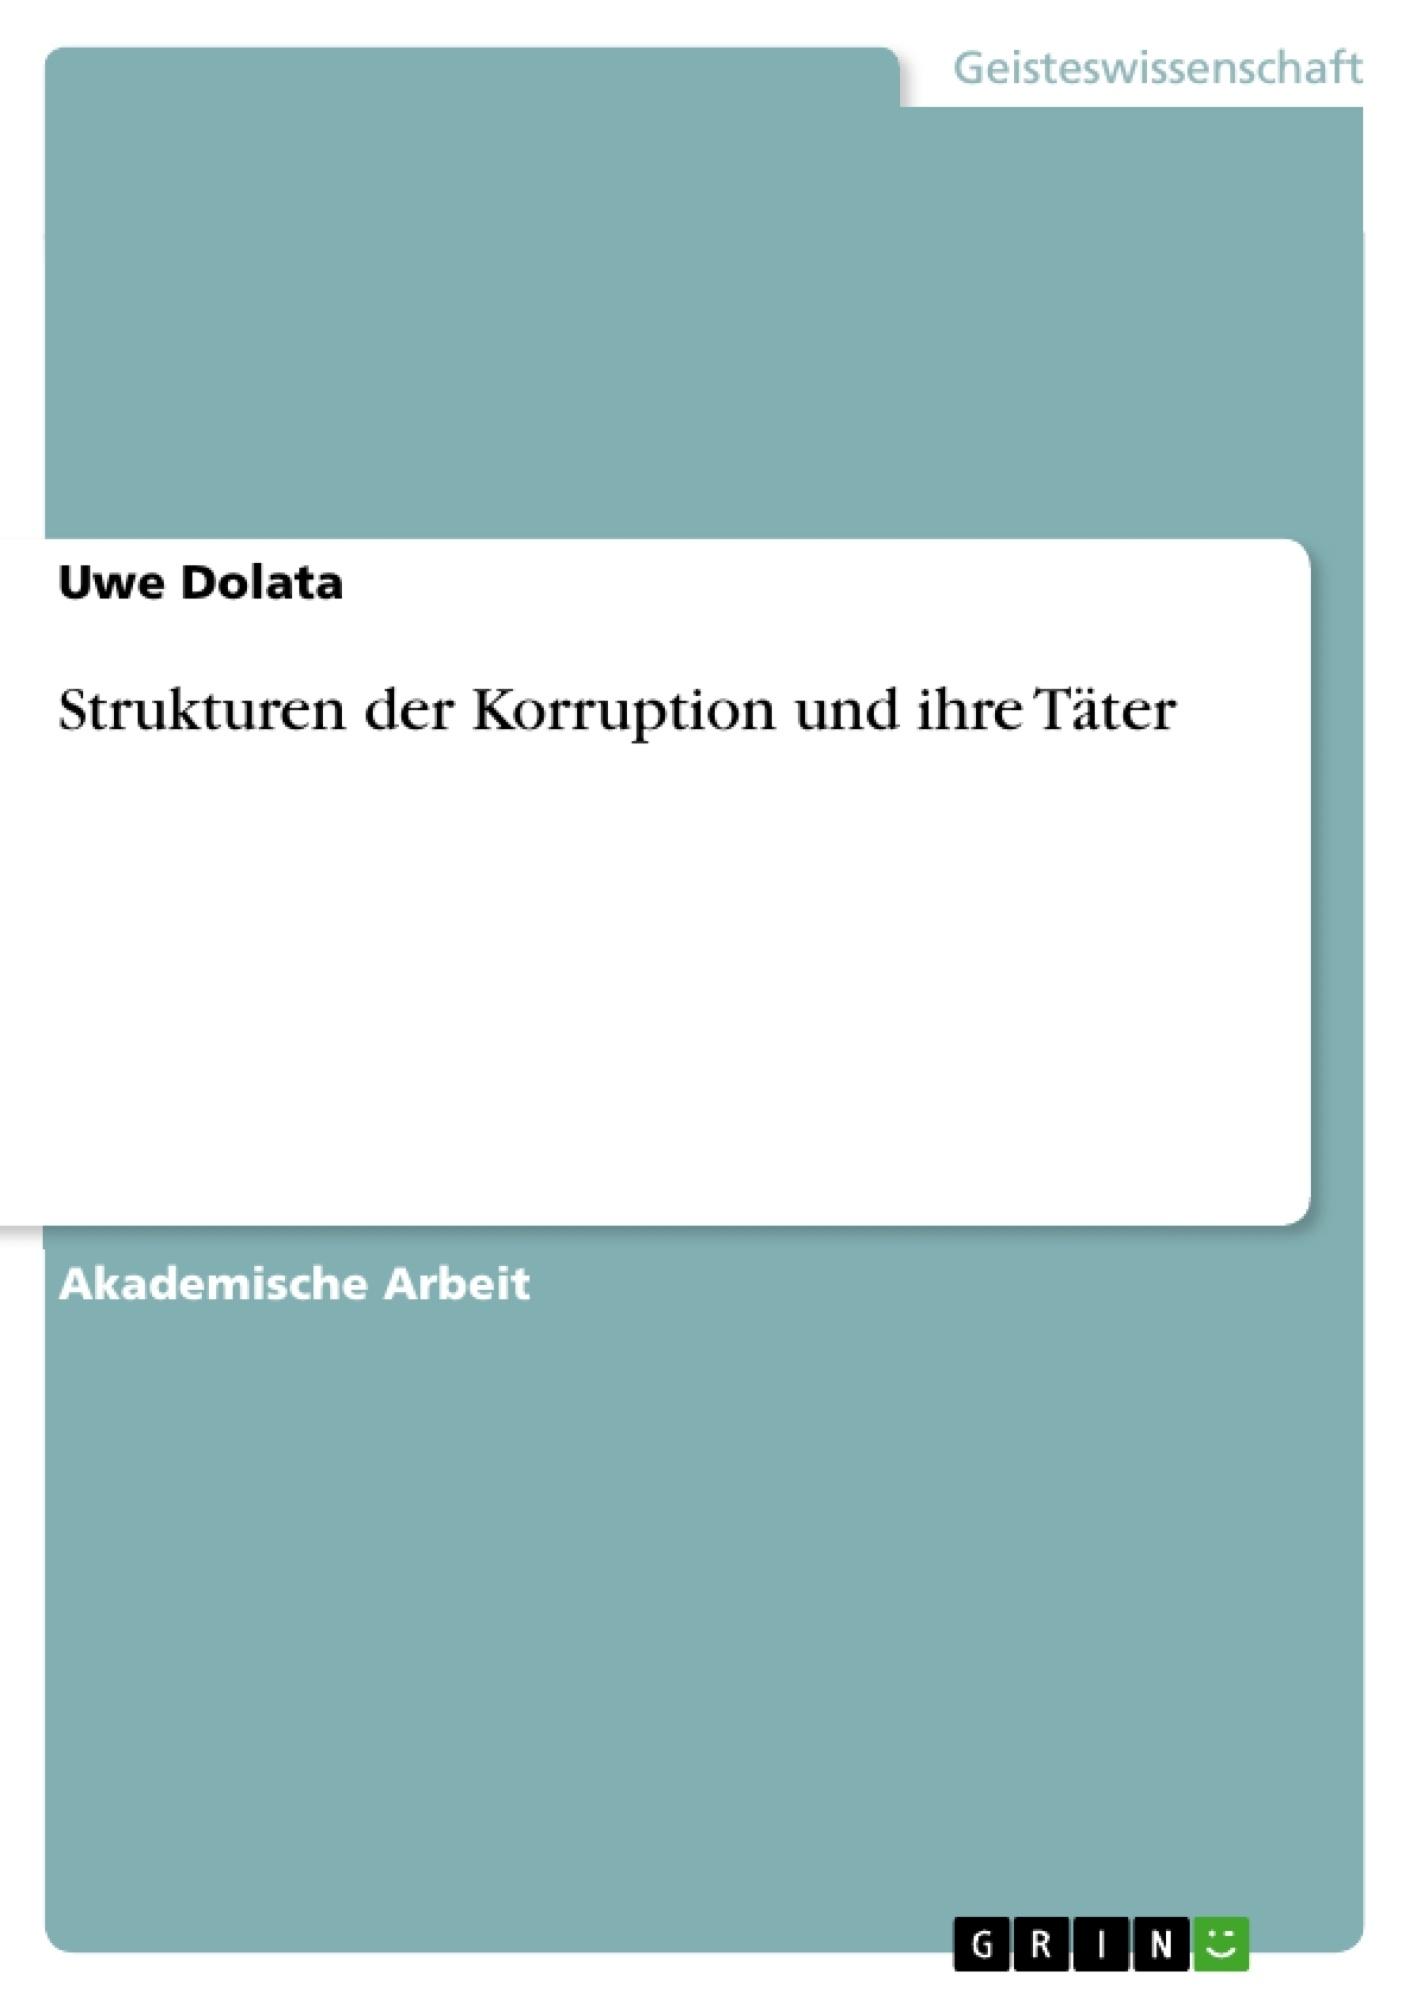 Titel: Strukturen der Korruption und ihre Täter